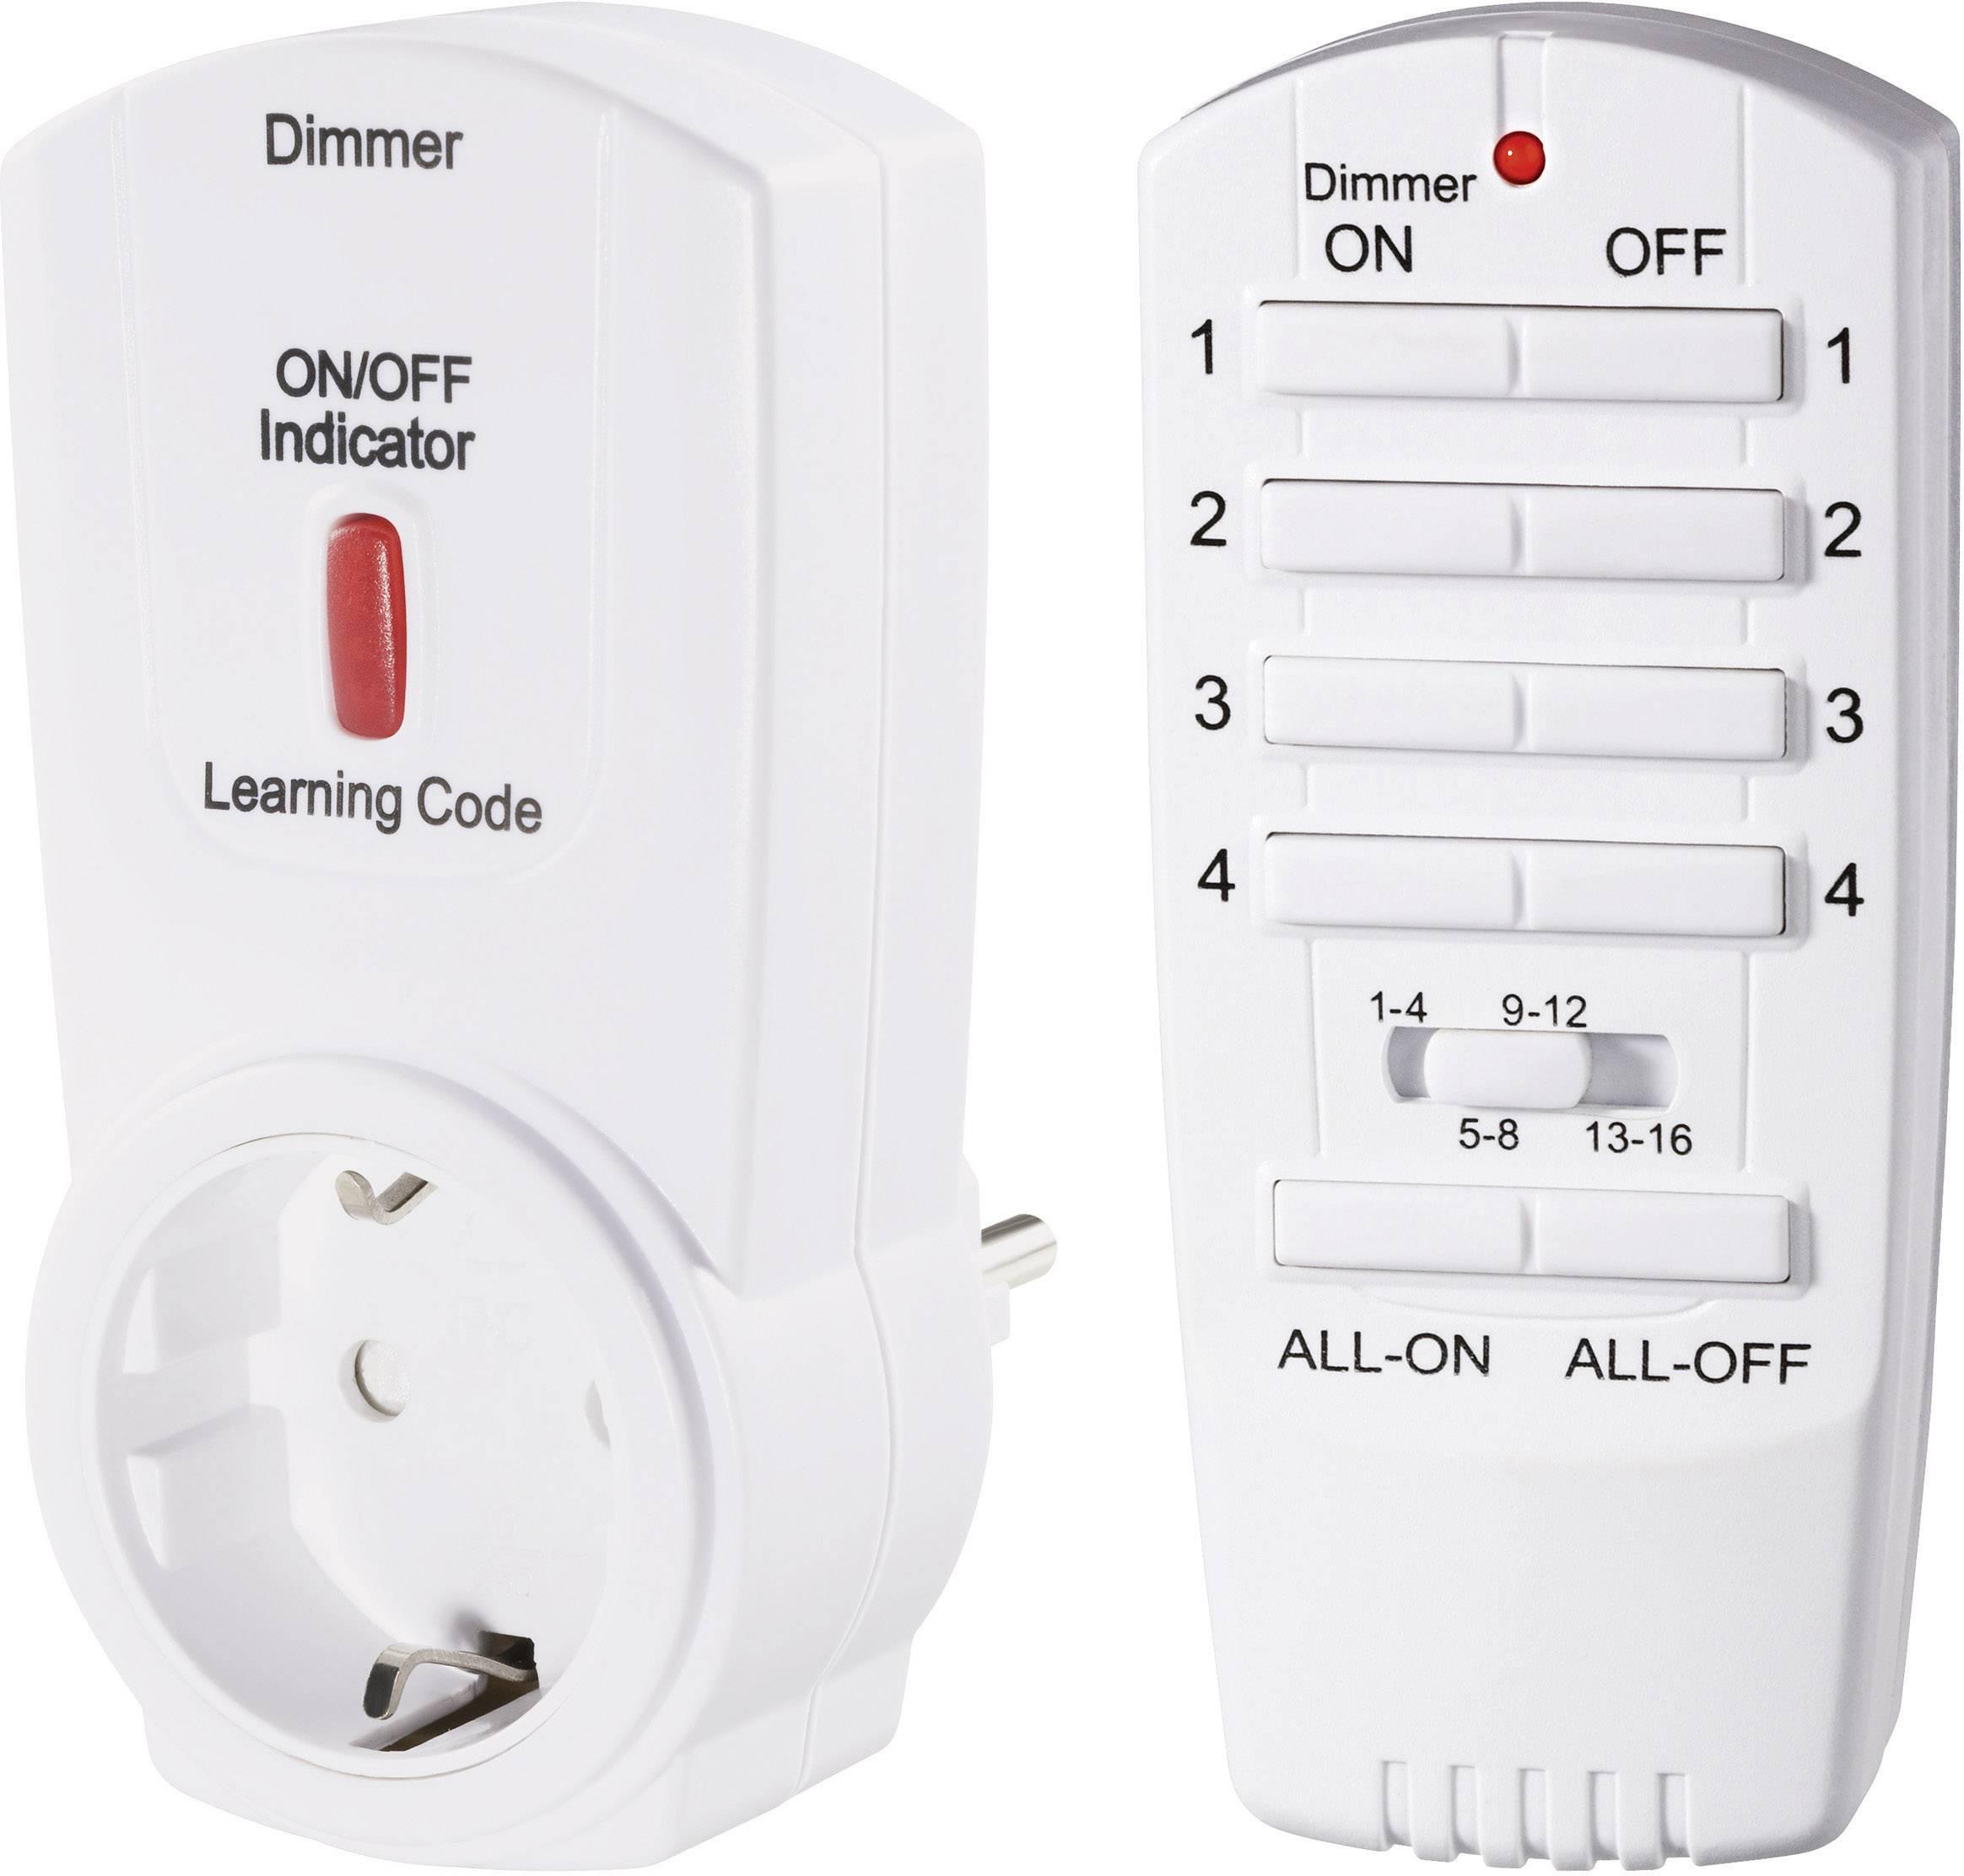 Sada bezdrôtovej zásuvky s funkciou stmievania a diaľkovým ovládačom RSL